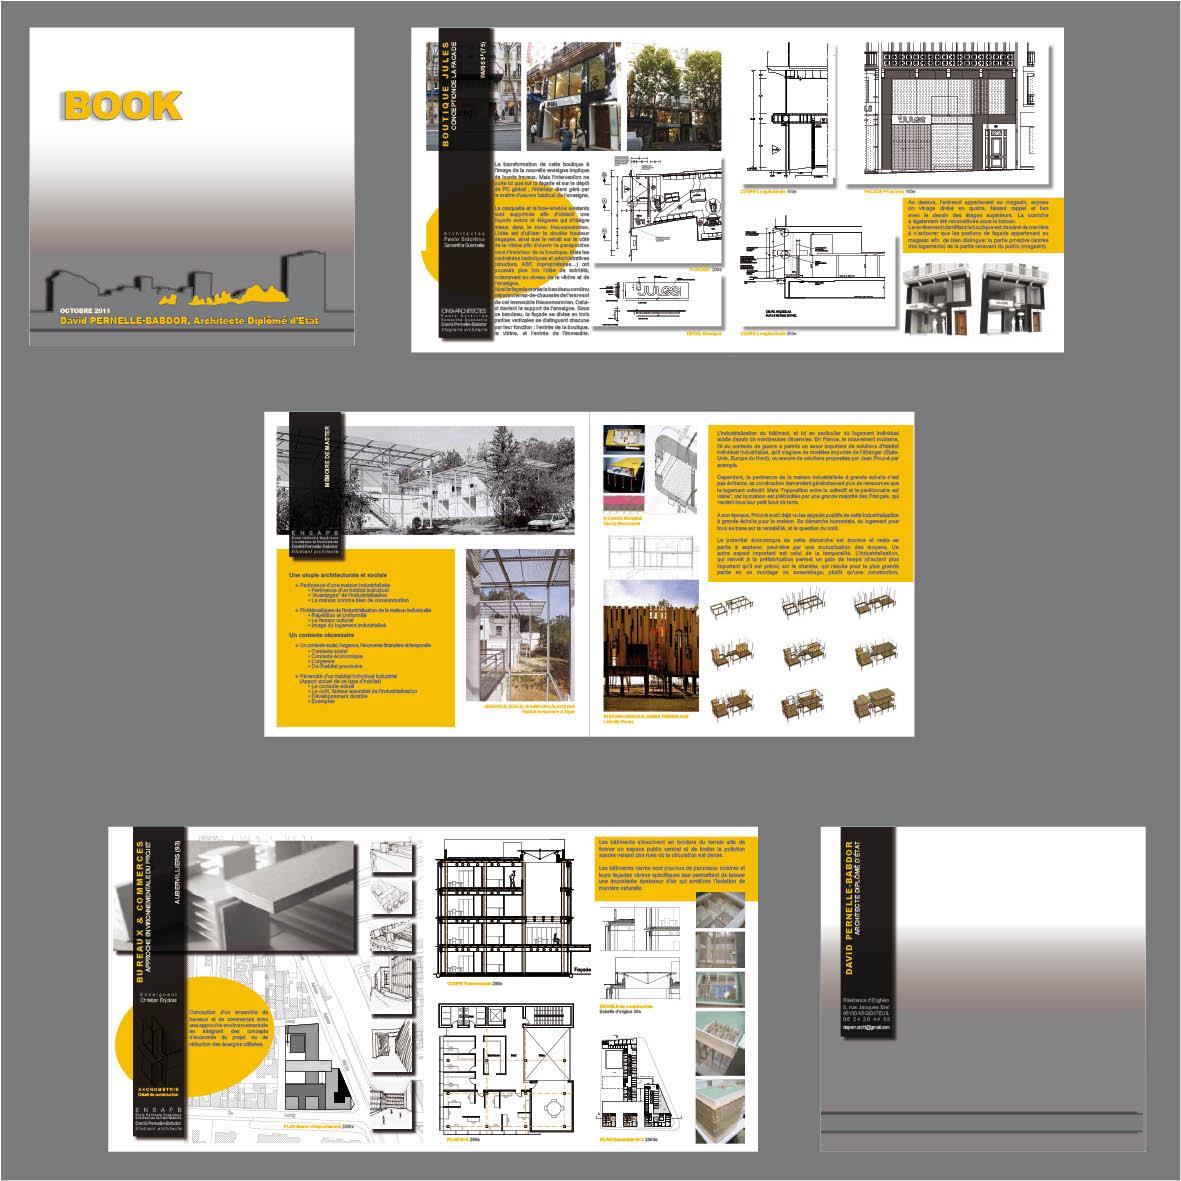 Architecture Portfolio Cover Book Covers Book Covers